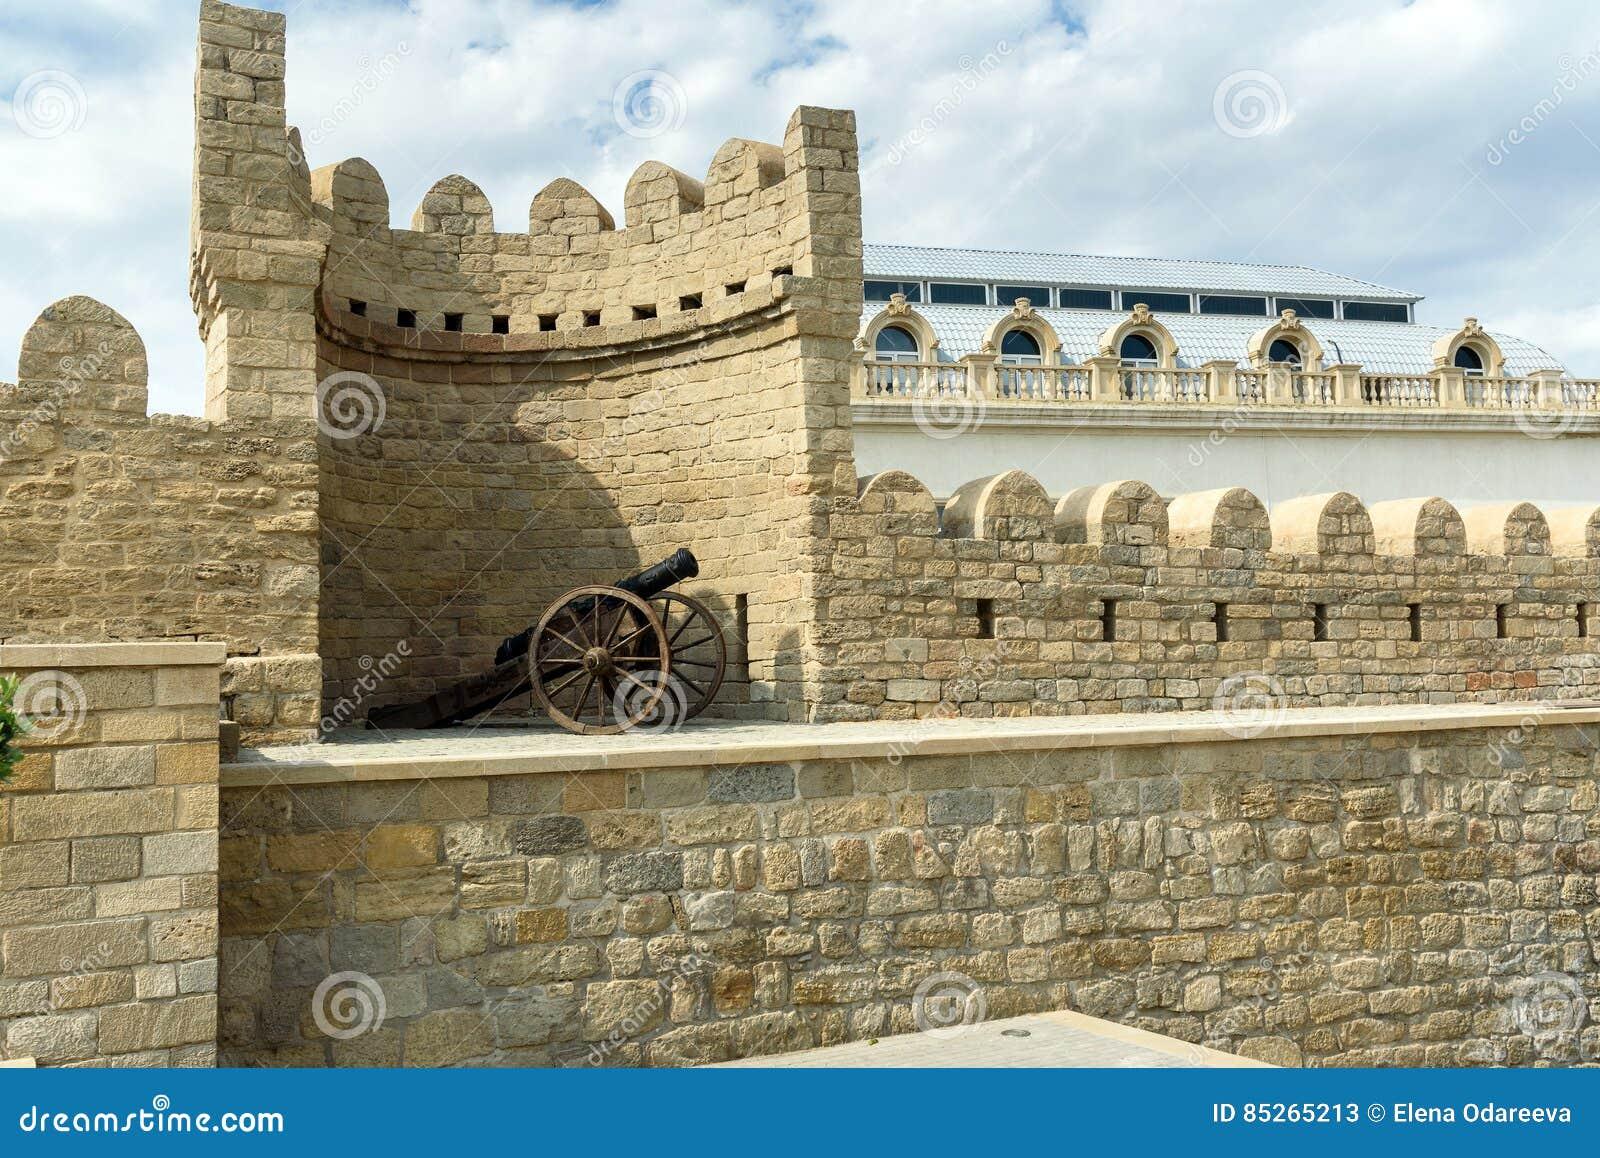 Canon médiéval antique à la tour de la forteresse dans la vieille ville, Bakou